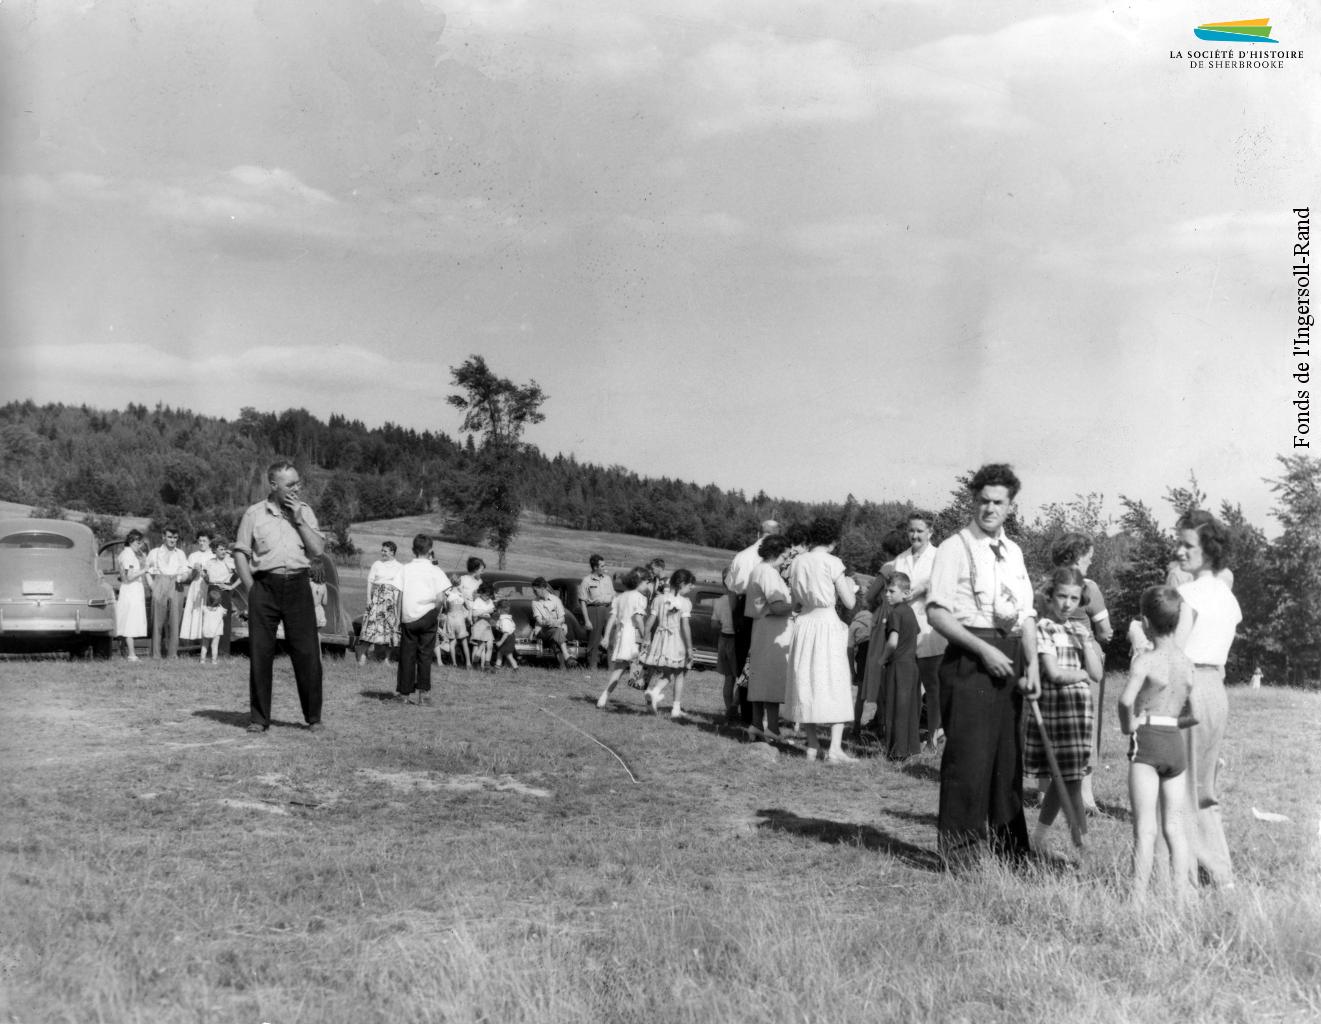 Les employés de l'Ingersoll-Rand réunis pour leur pique-nique annuel au Club Bellevue, à Belvidere Heights, en juillet 1950.